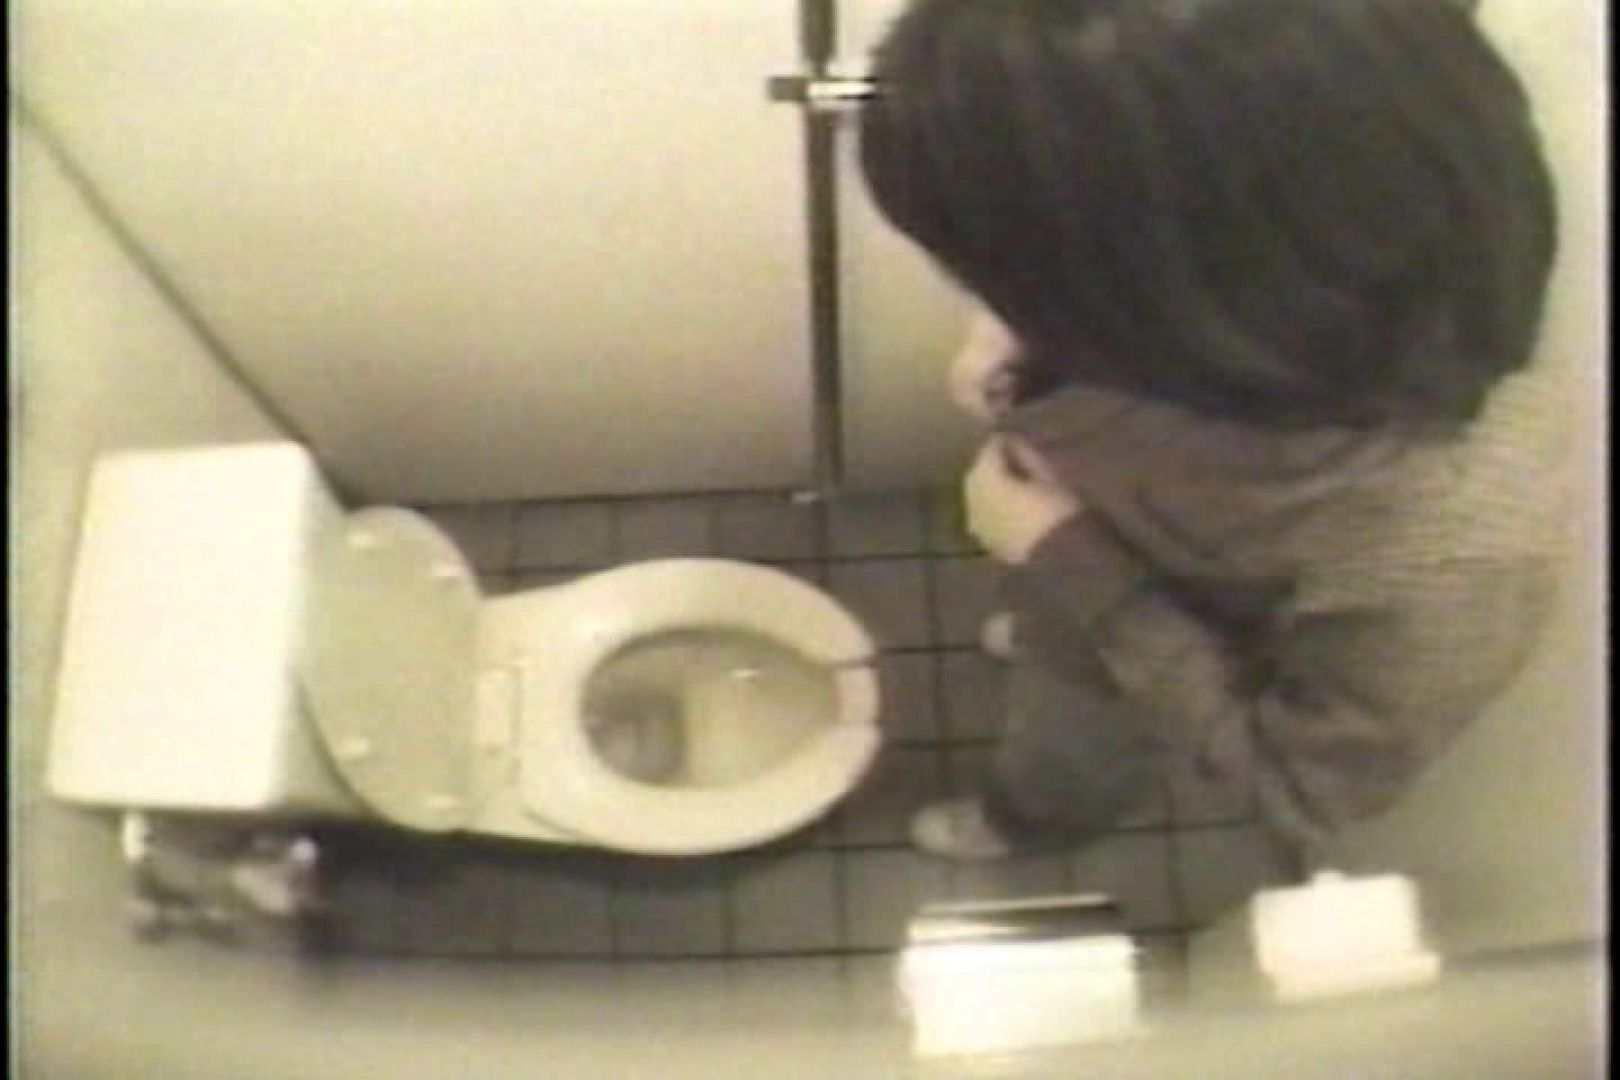 盗撮 女子洗面所3ヶ所入ってしゃがんで音出して プライベート   和式  109連発 109